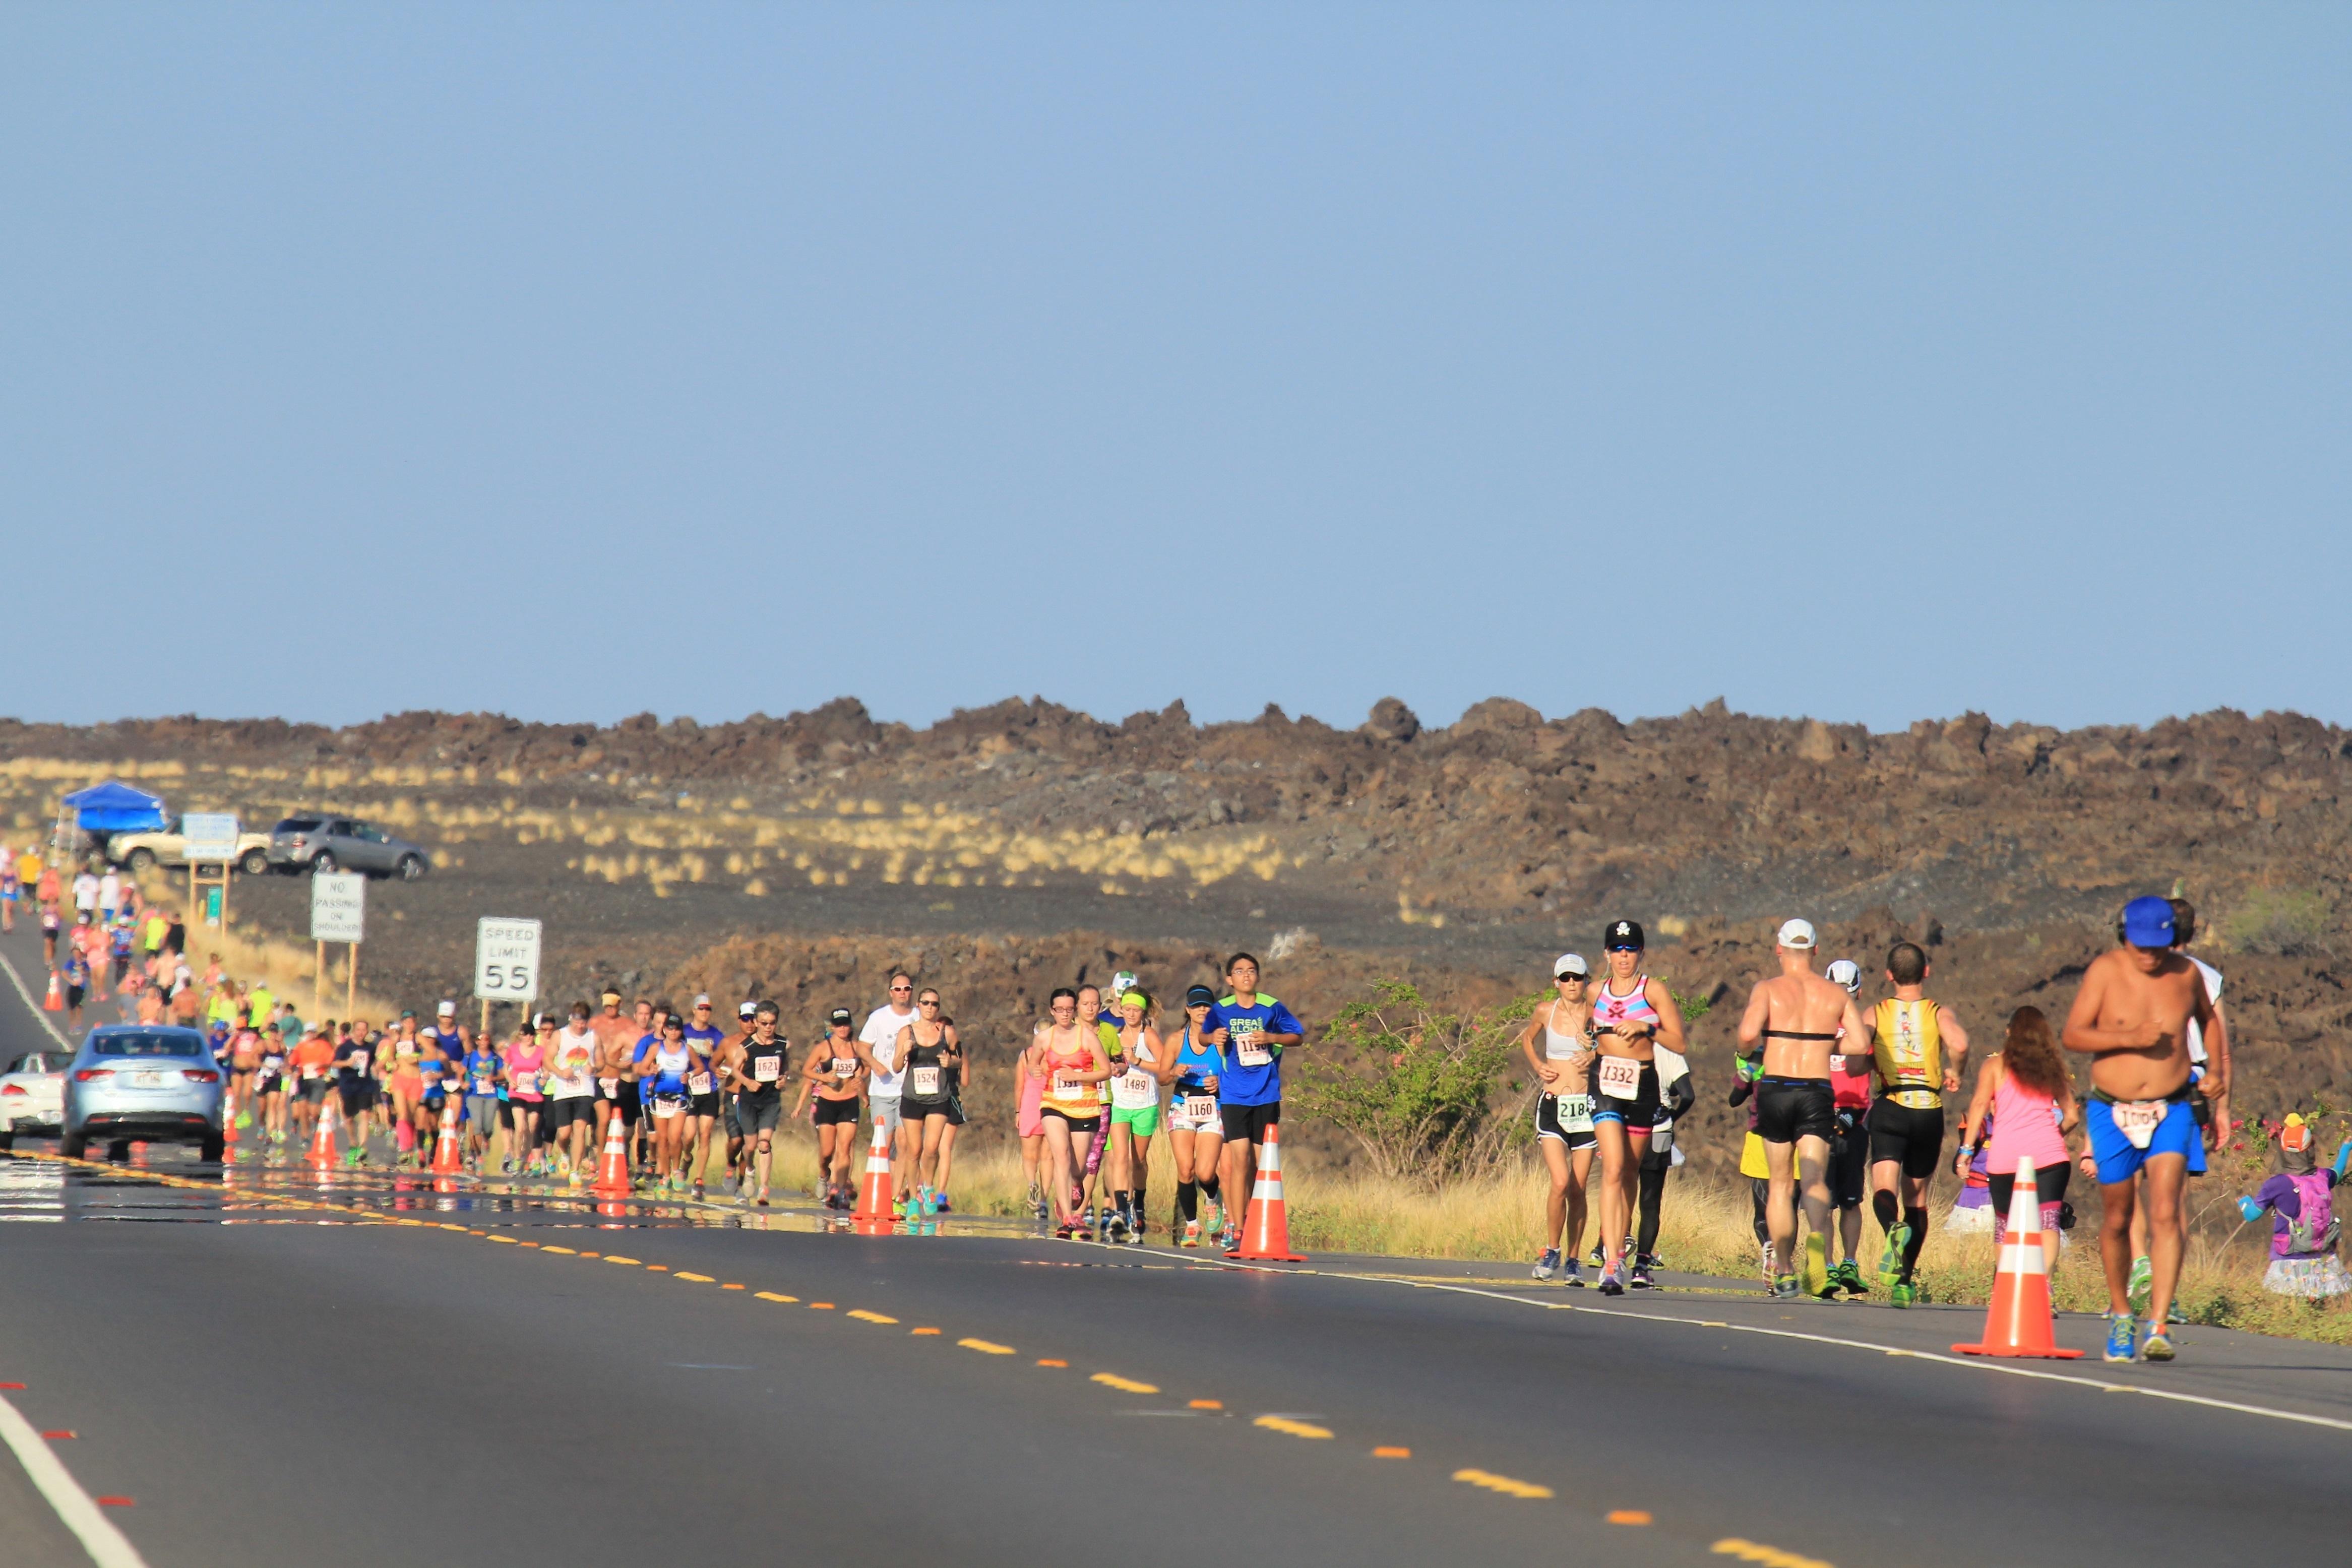 『コナマラソン 2020』ランナー募集開始!ハワイ島西岸コナ・ワイコロアで2020年6月21日に開催 画像